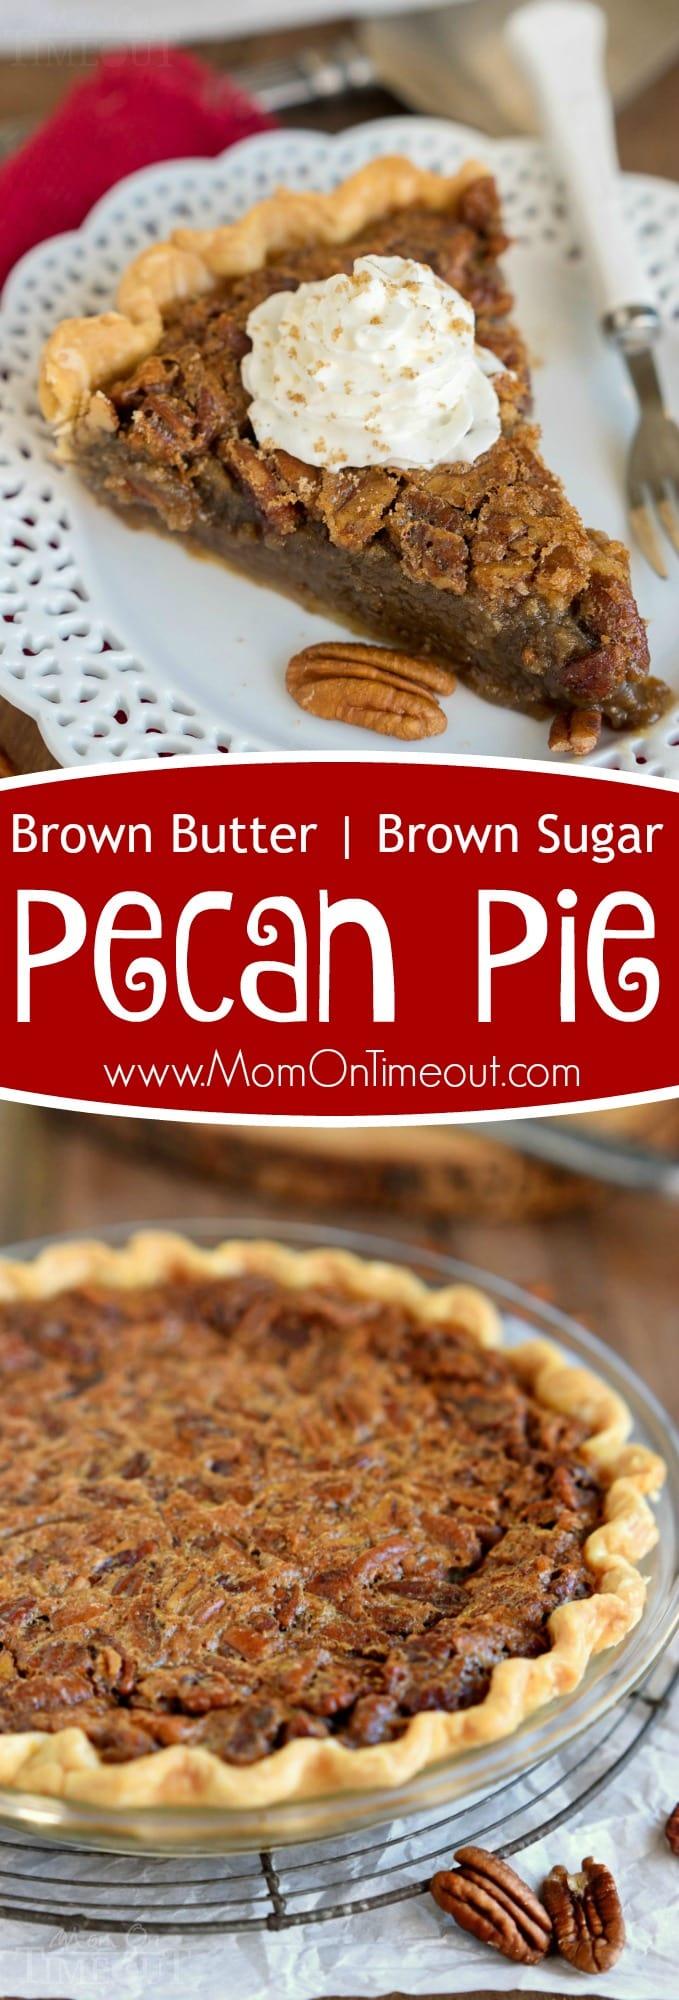 pecan-pie-recipe-collage